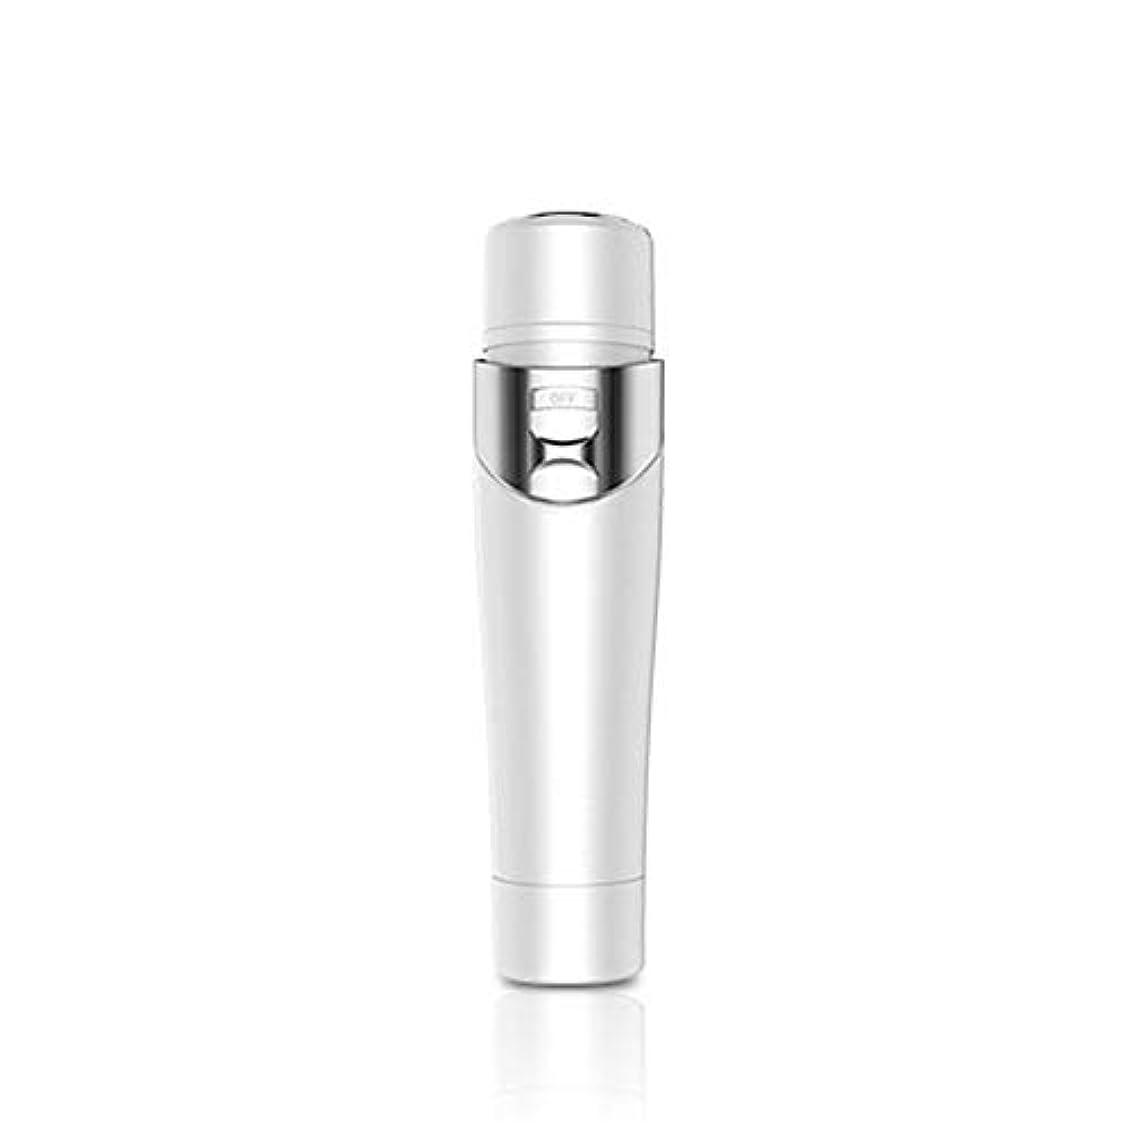 無線ケープ頭痛多機能5イン1レディース電気口紅シェービング女性の脱毛装置ミニポータブル防水毎日の清掃